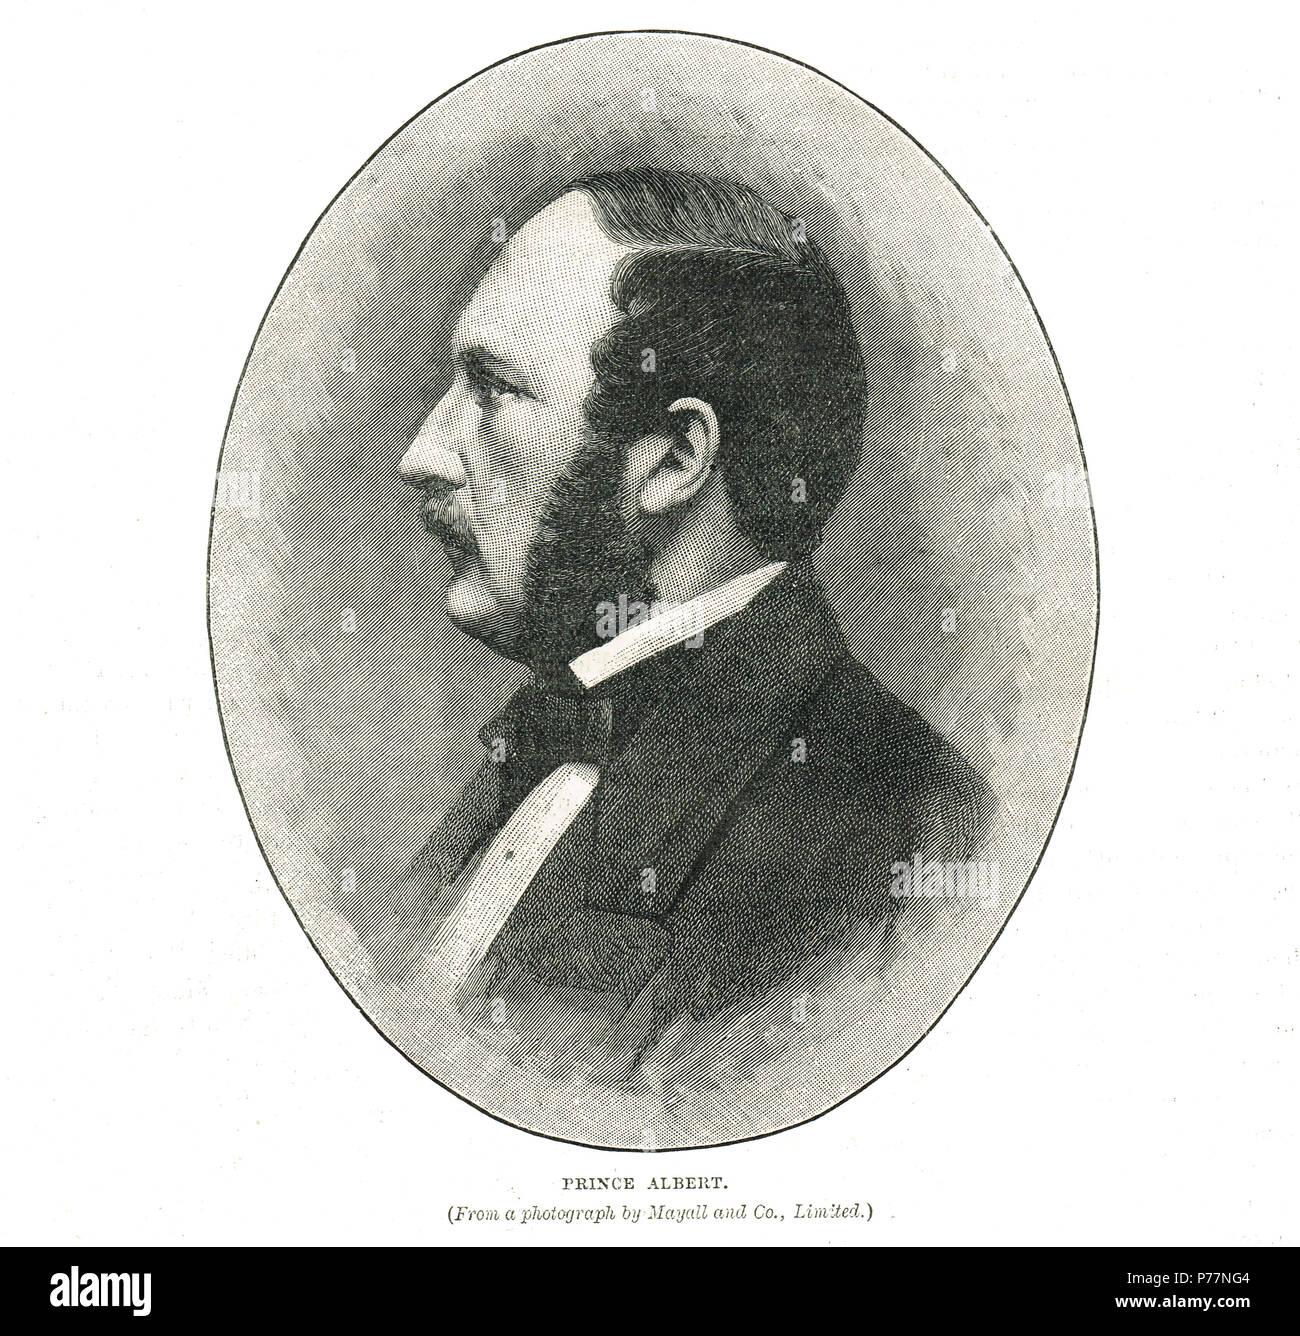 Prince Albert, consort of Queen Victoria - Stock Image